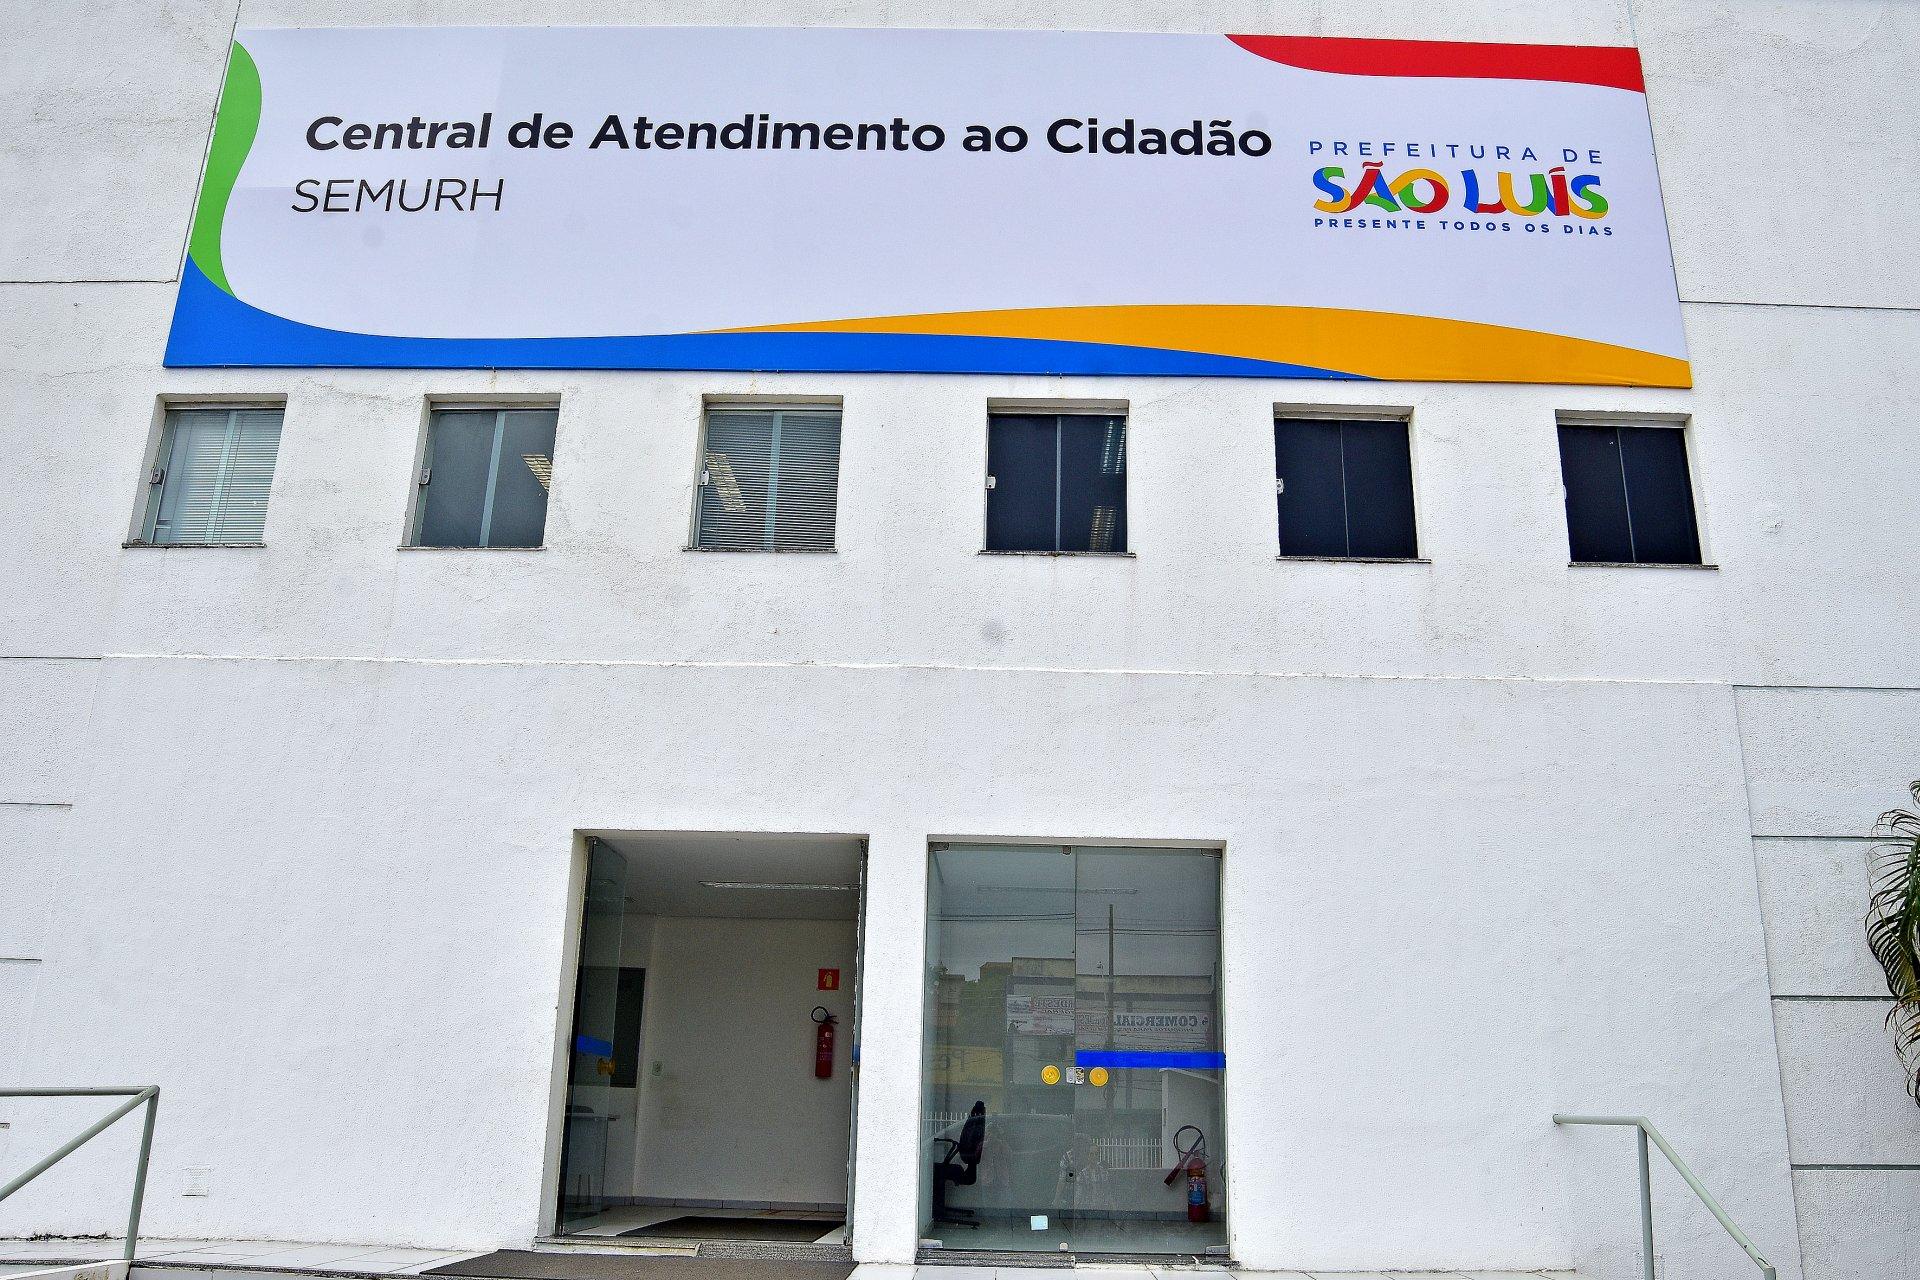 Central de Atendimento ao Cidadão da Prefeitura de São Luís inicia  prestação de serviços à população ba48390640